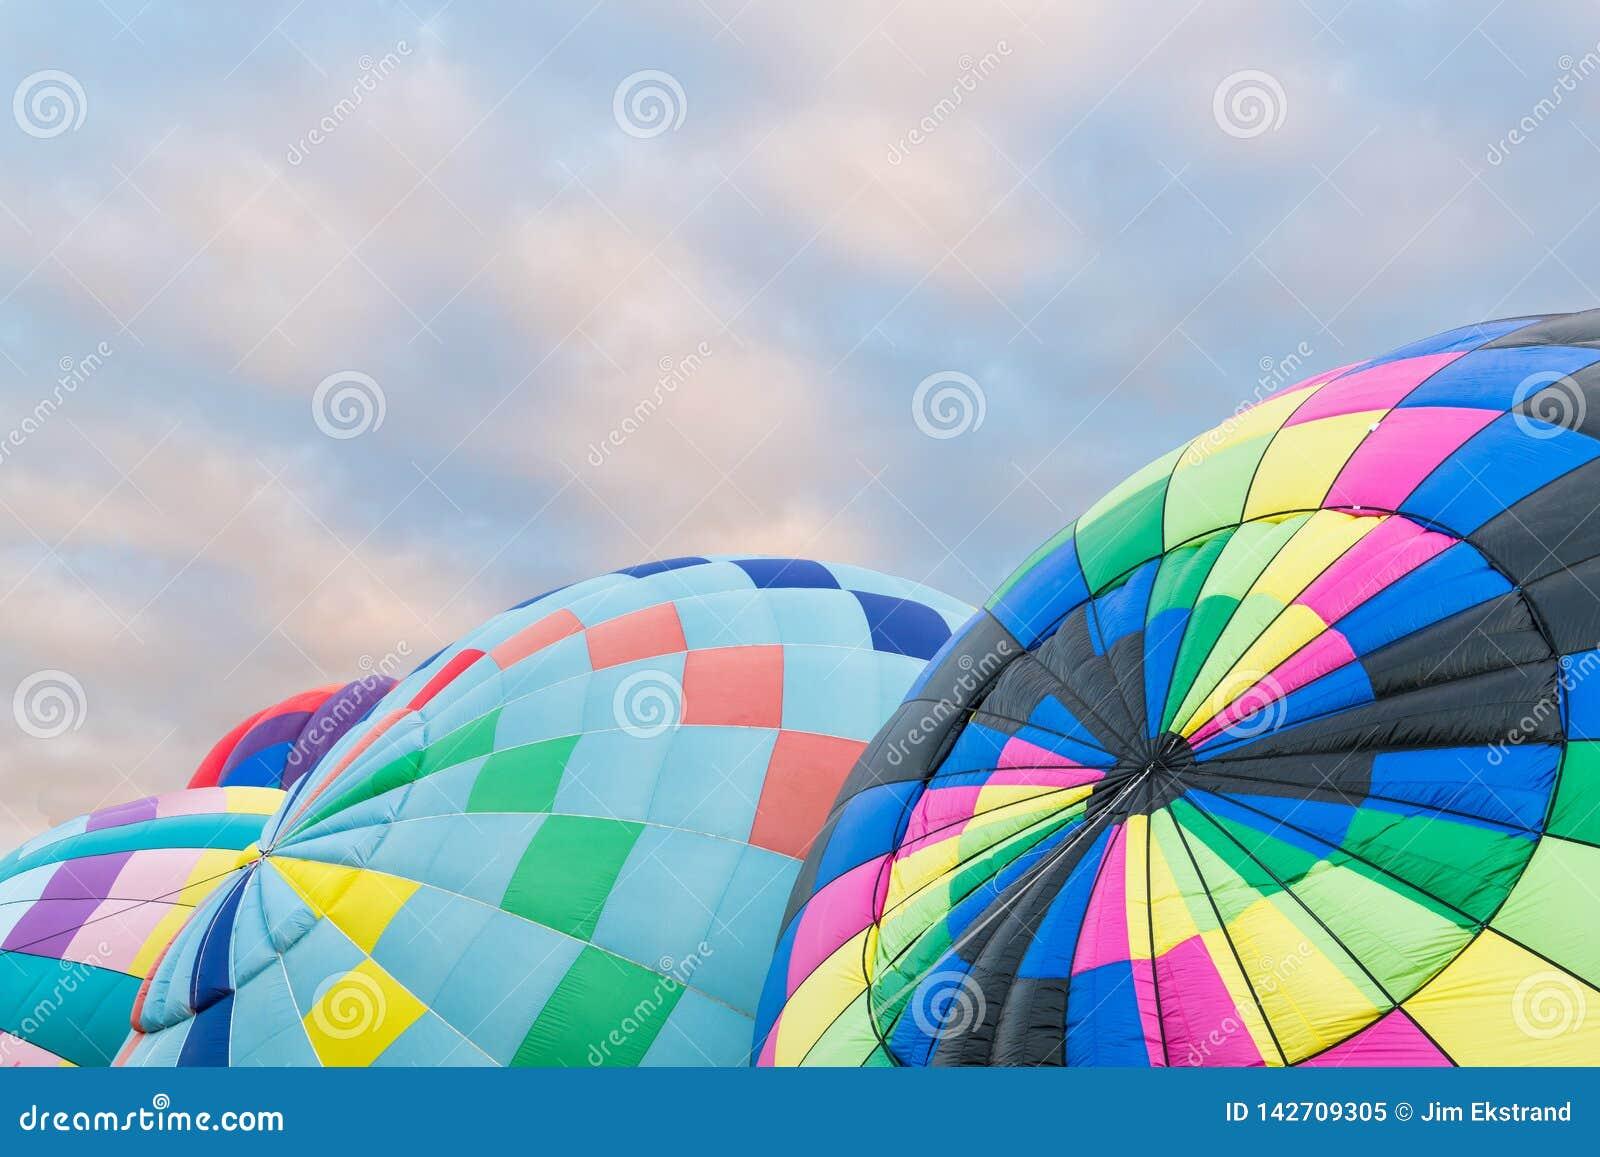 Группа в составе красочные горячие воздушные шары будучи надуванным на международной фиесте баллона в Альбукерке, Неш-Мексико